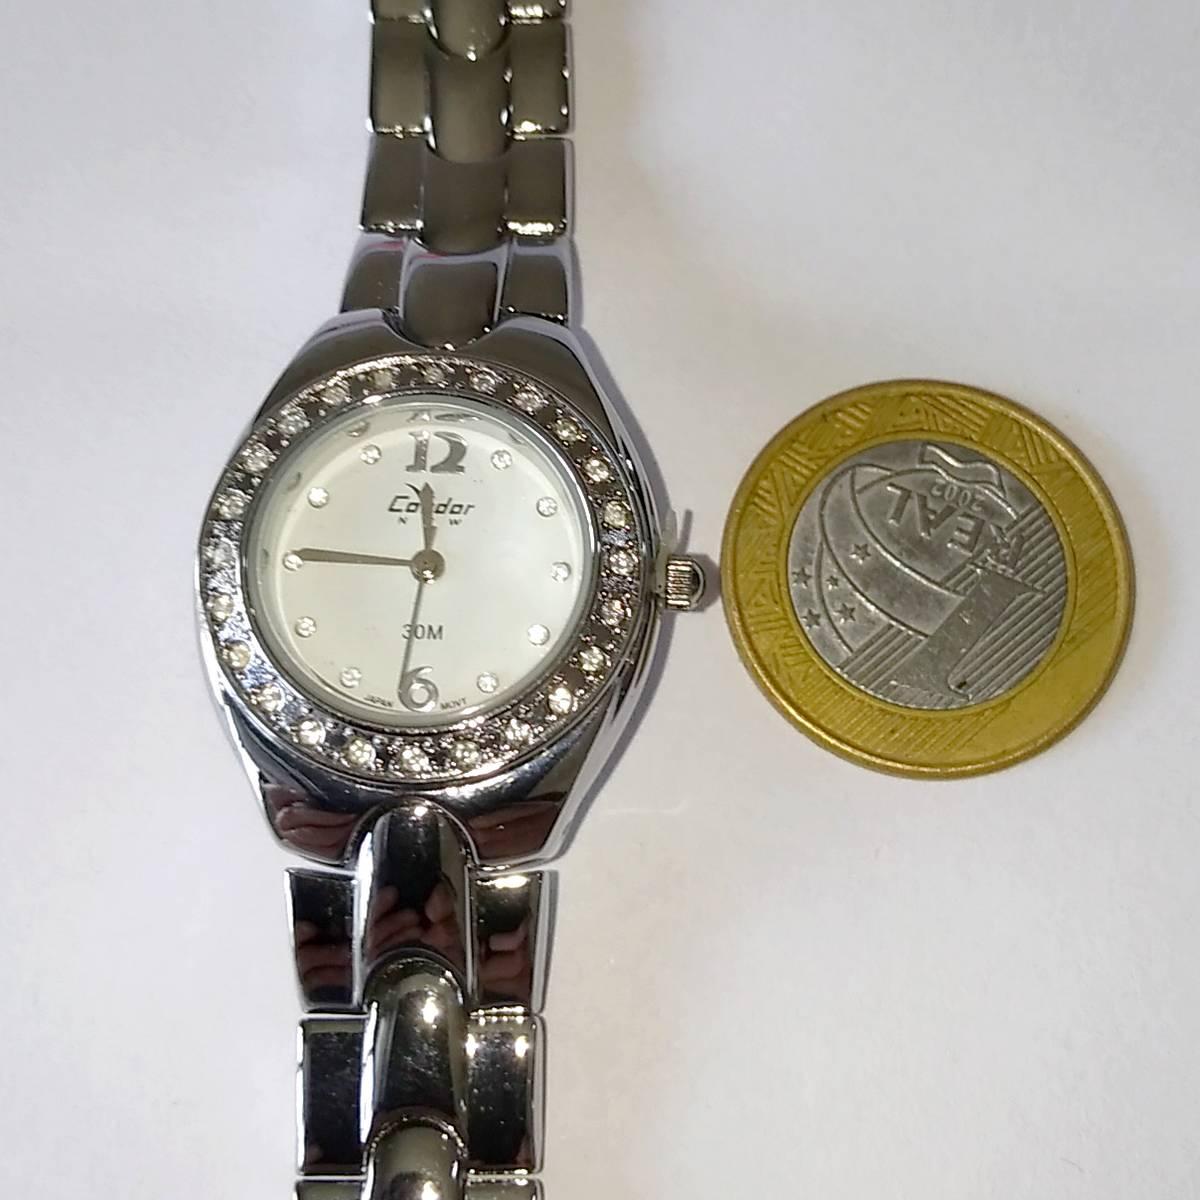 KW25917B Relógio Feminino Condor New Pequeno Metal Prateado c/ Strass  - E-Presentes